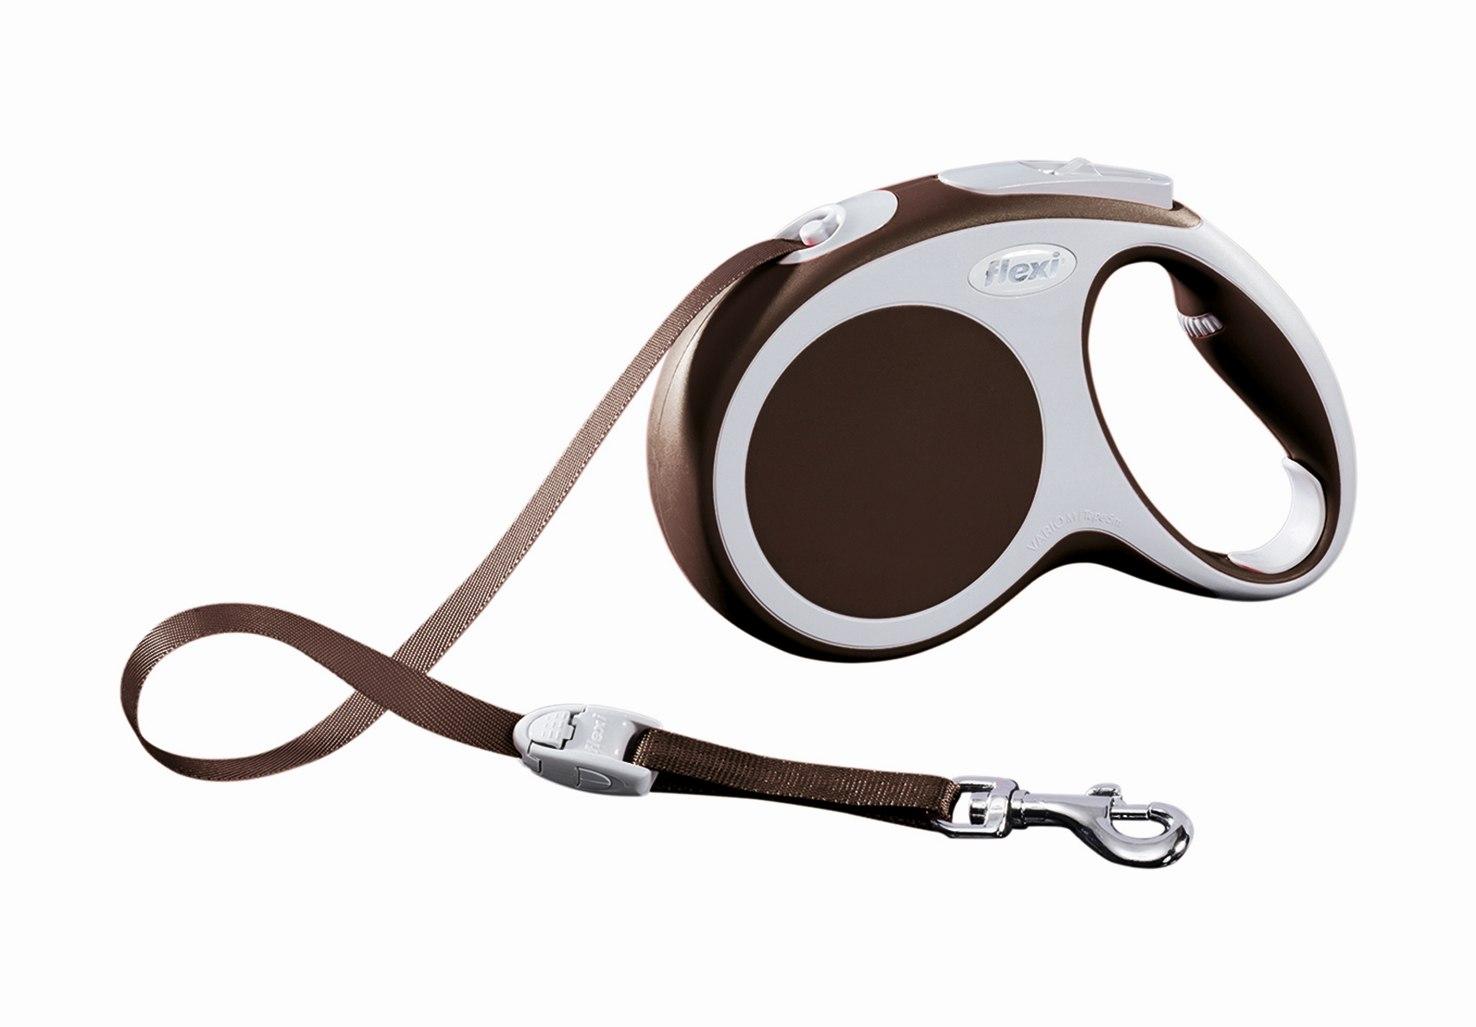 Поводок-рулетка Flexi Vario Compact М для собак до 25 кг, цвет: коричневый, 5 м поводок рулетка freego гепард для собак до 12 кг размер s цвет бежевый коричневый 3 м